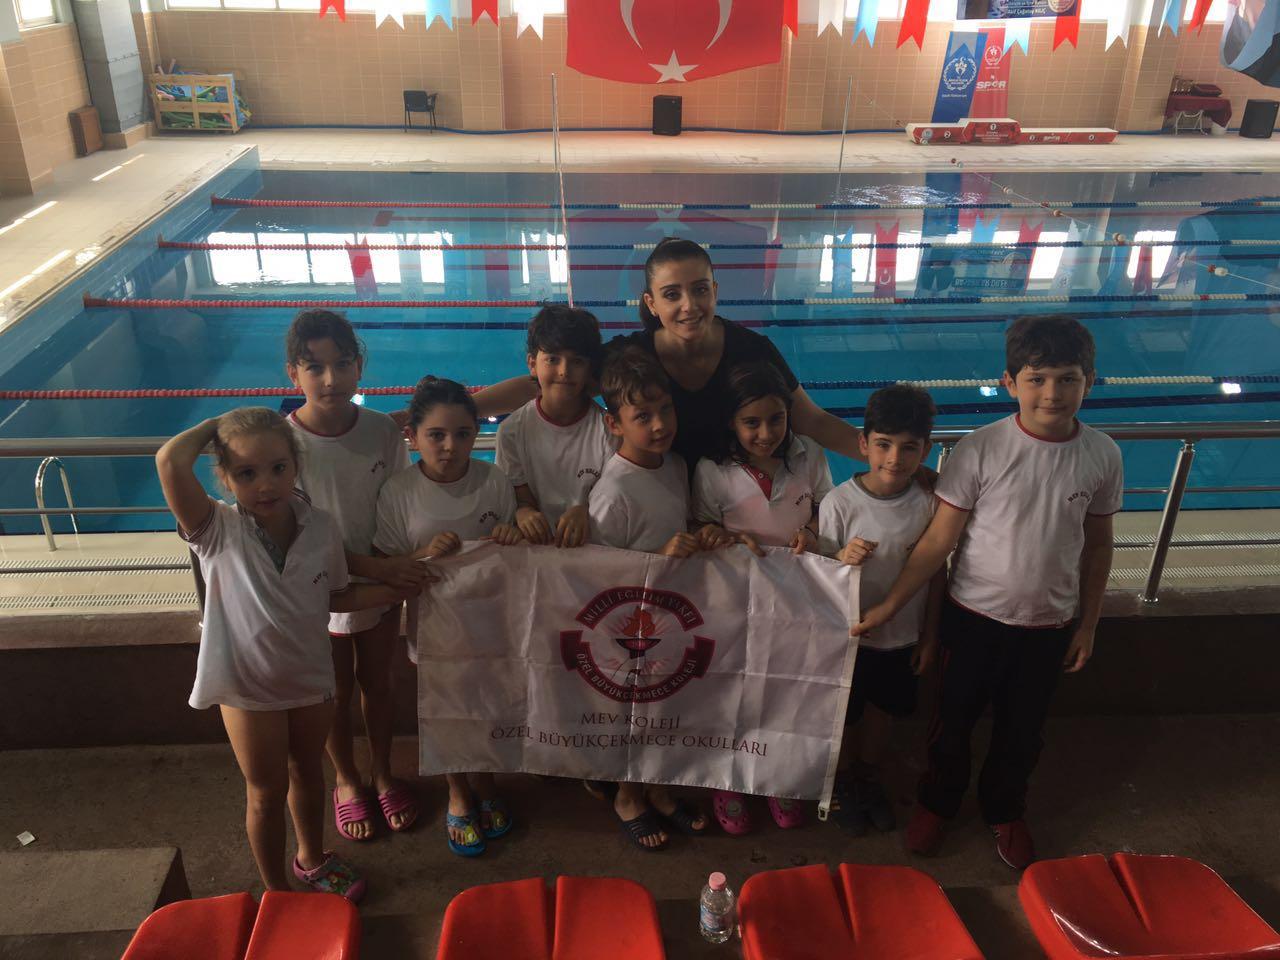 MEV'li Minik Yüzücülerimizin Büyük Başarısı